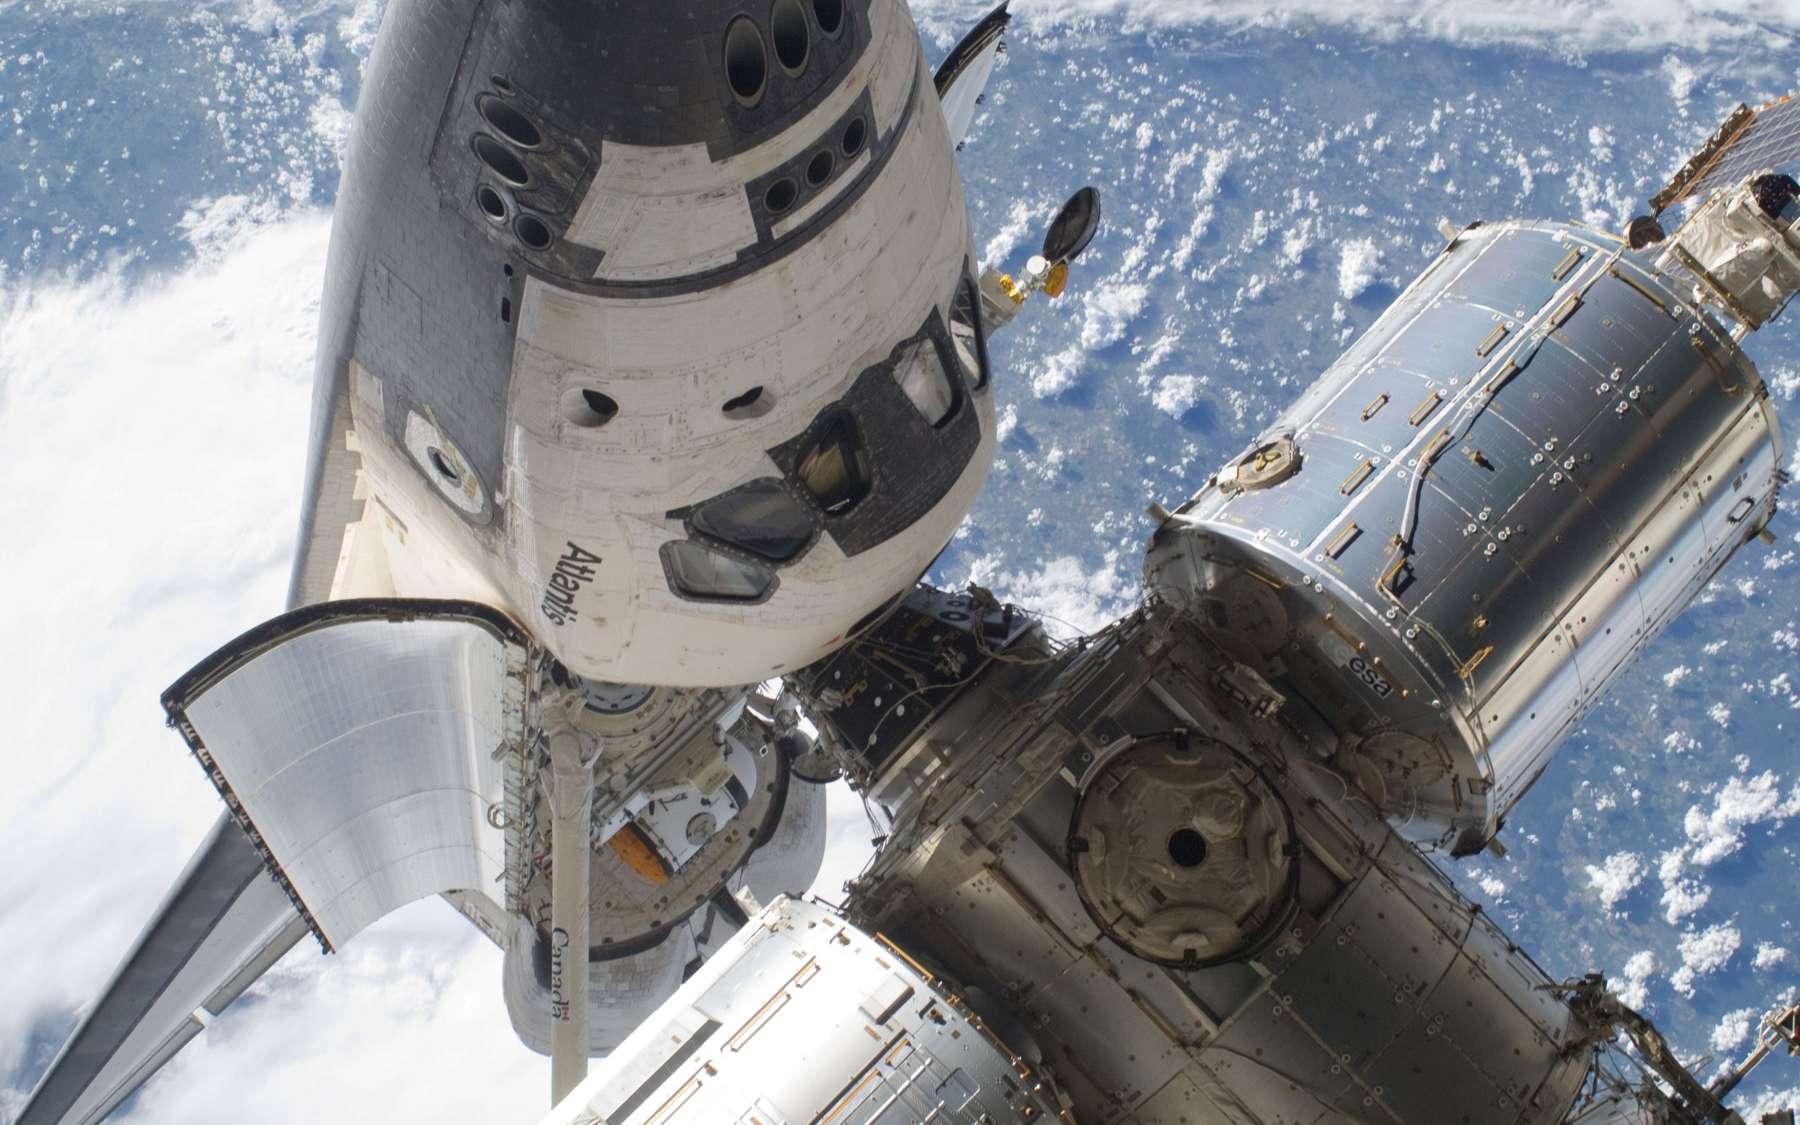 Le port d'amarrage principal sera situé sur le module Harmony de l'ISS. Sur cette image, la navette Atlantis, dont le programme a pris fin en 2011, est située à l'emplacement des futurs véhicules privés de transport habité. © Nasa